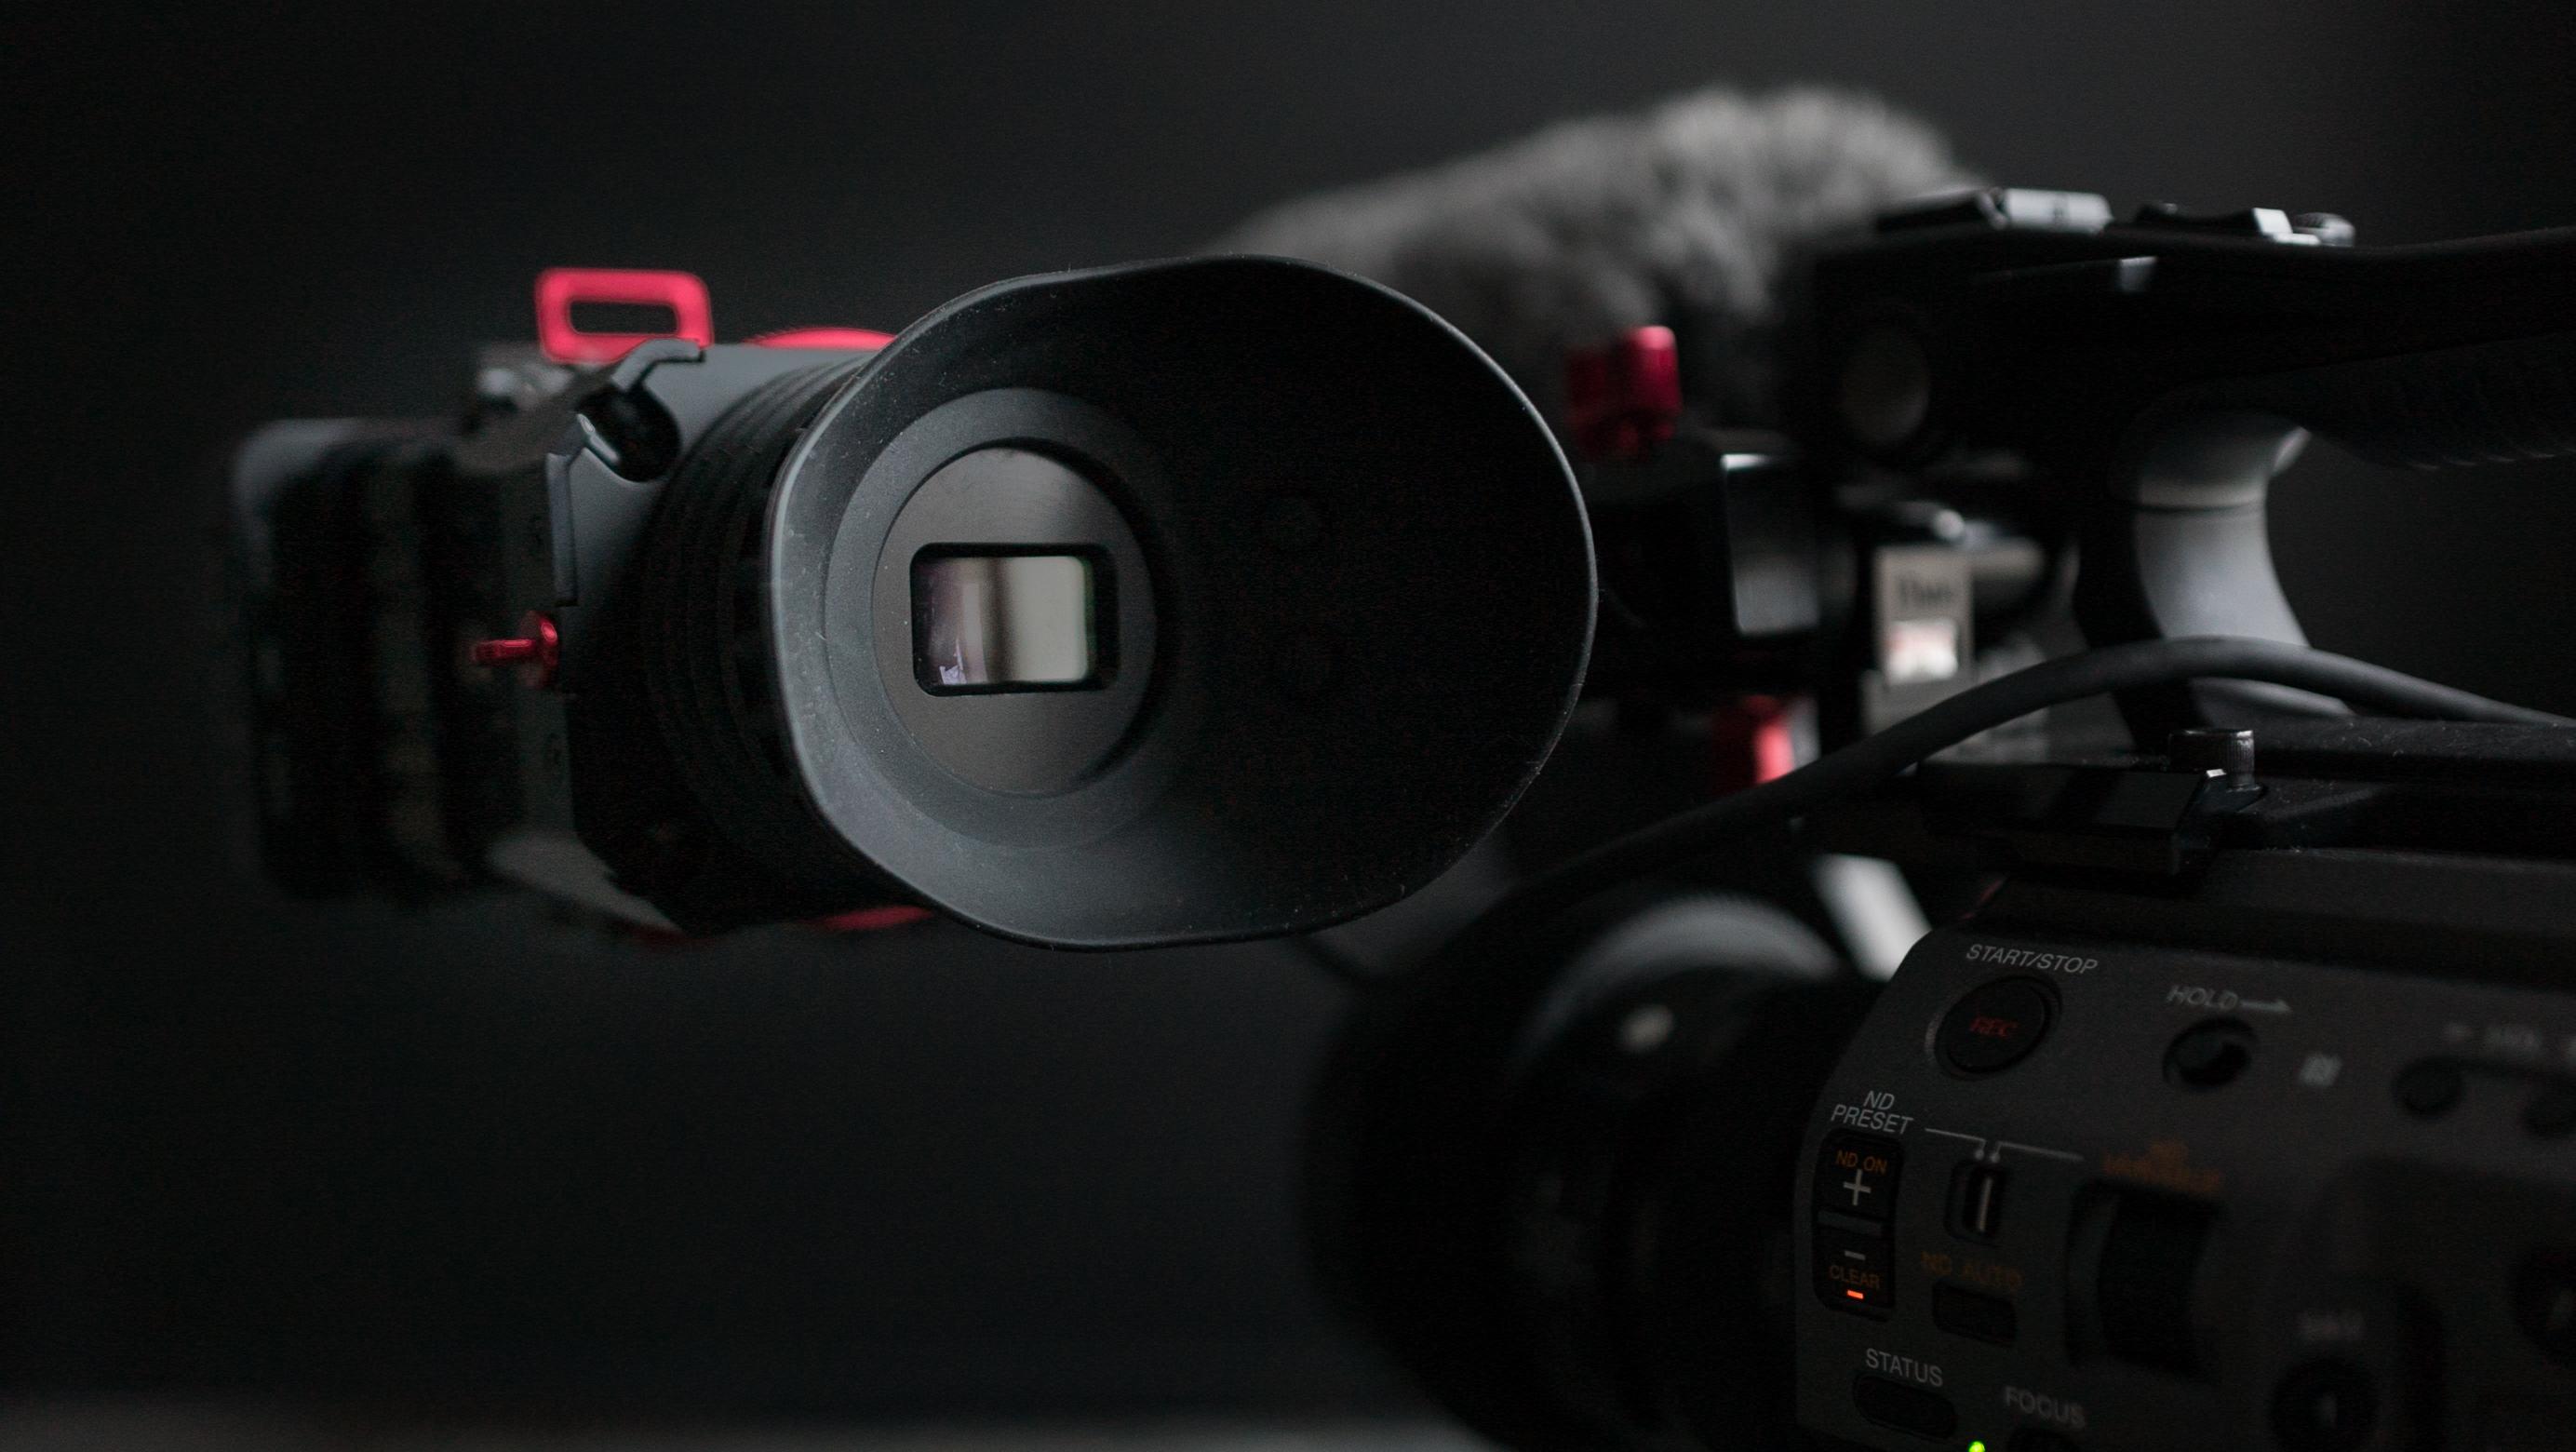 Zacuto viewfinder